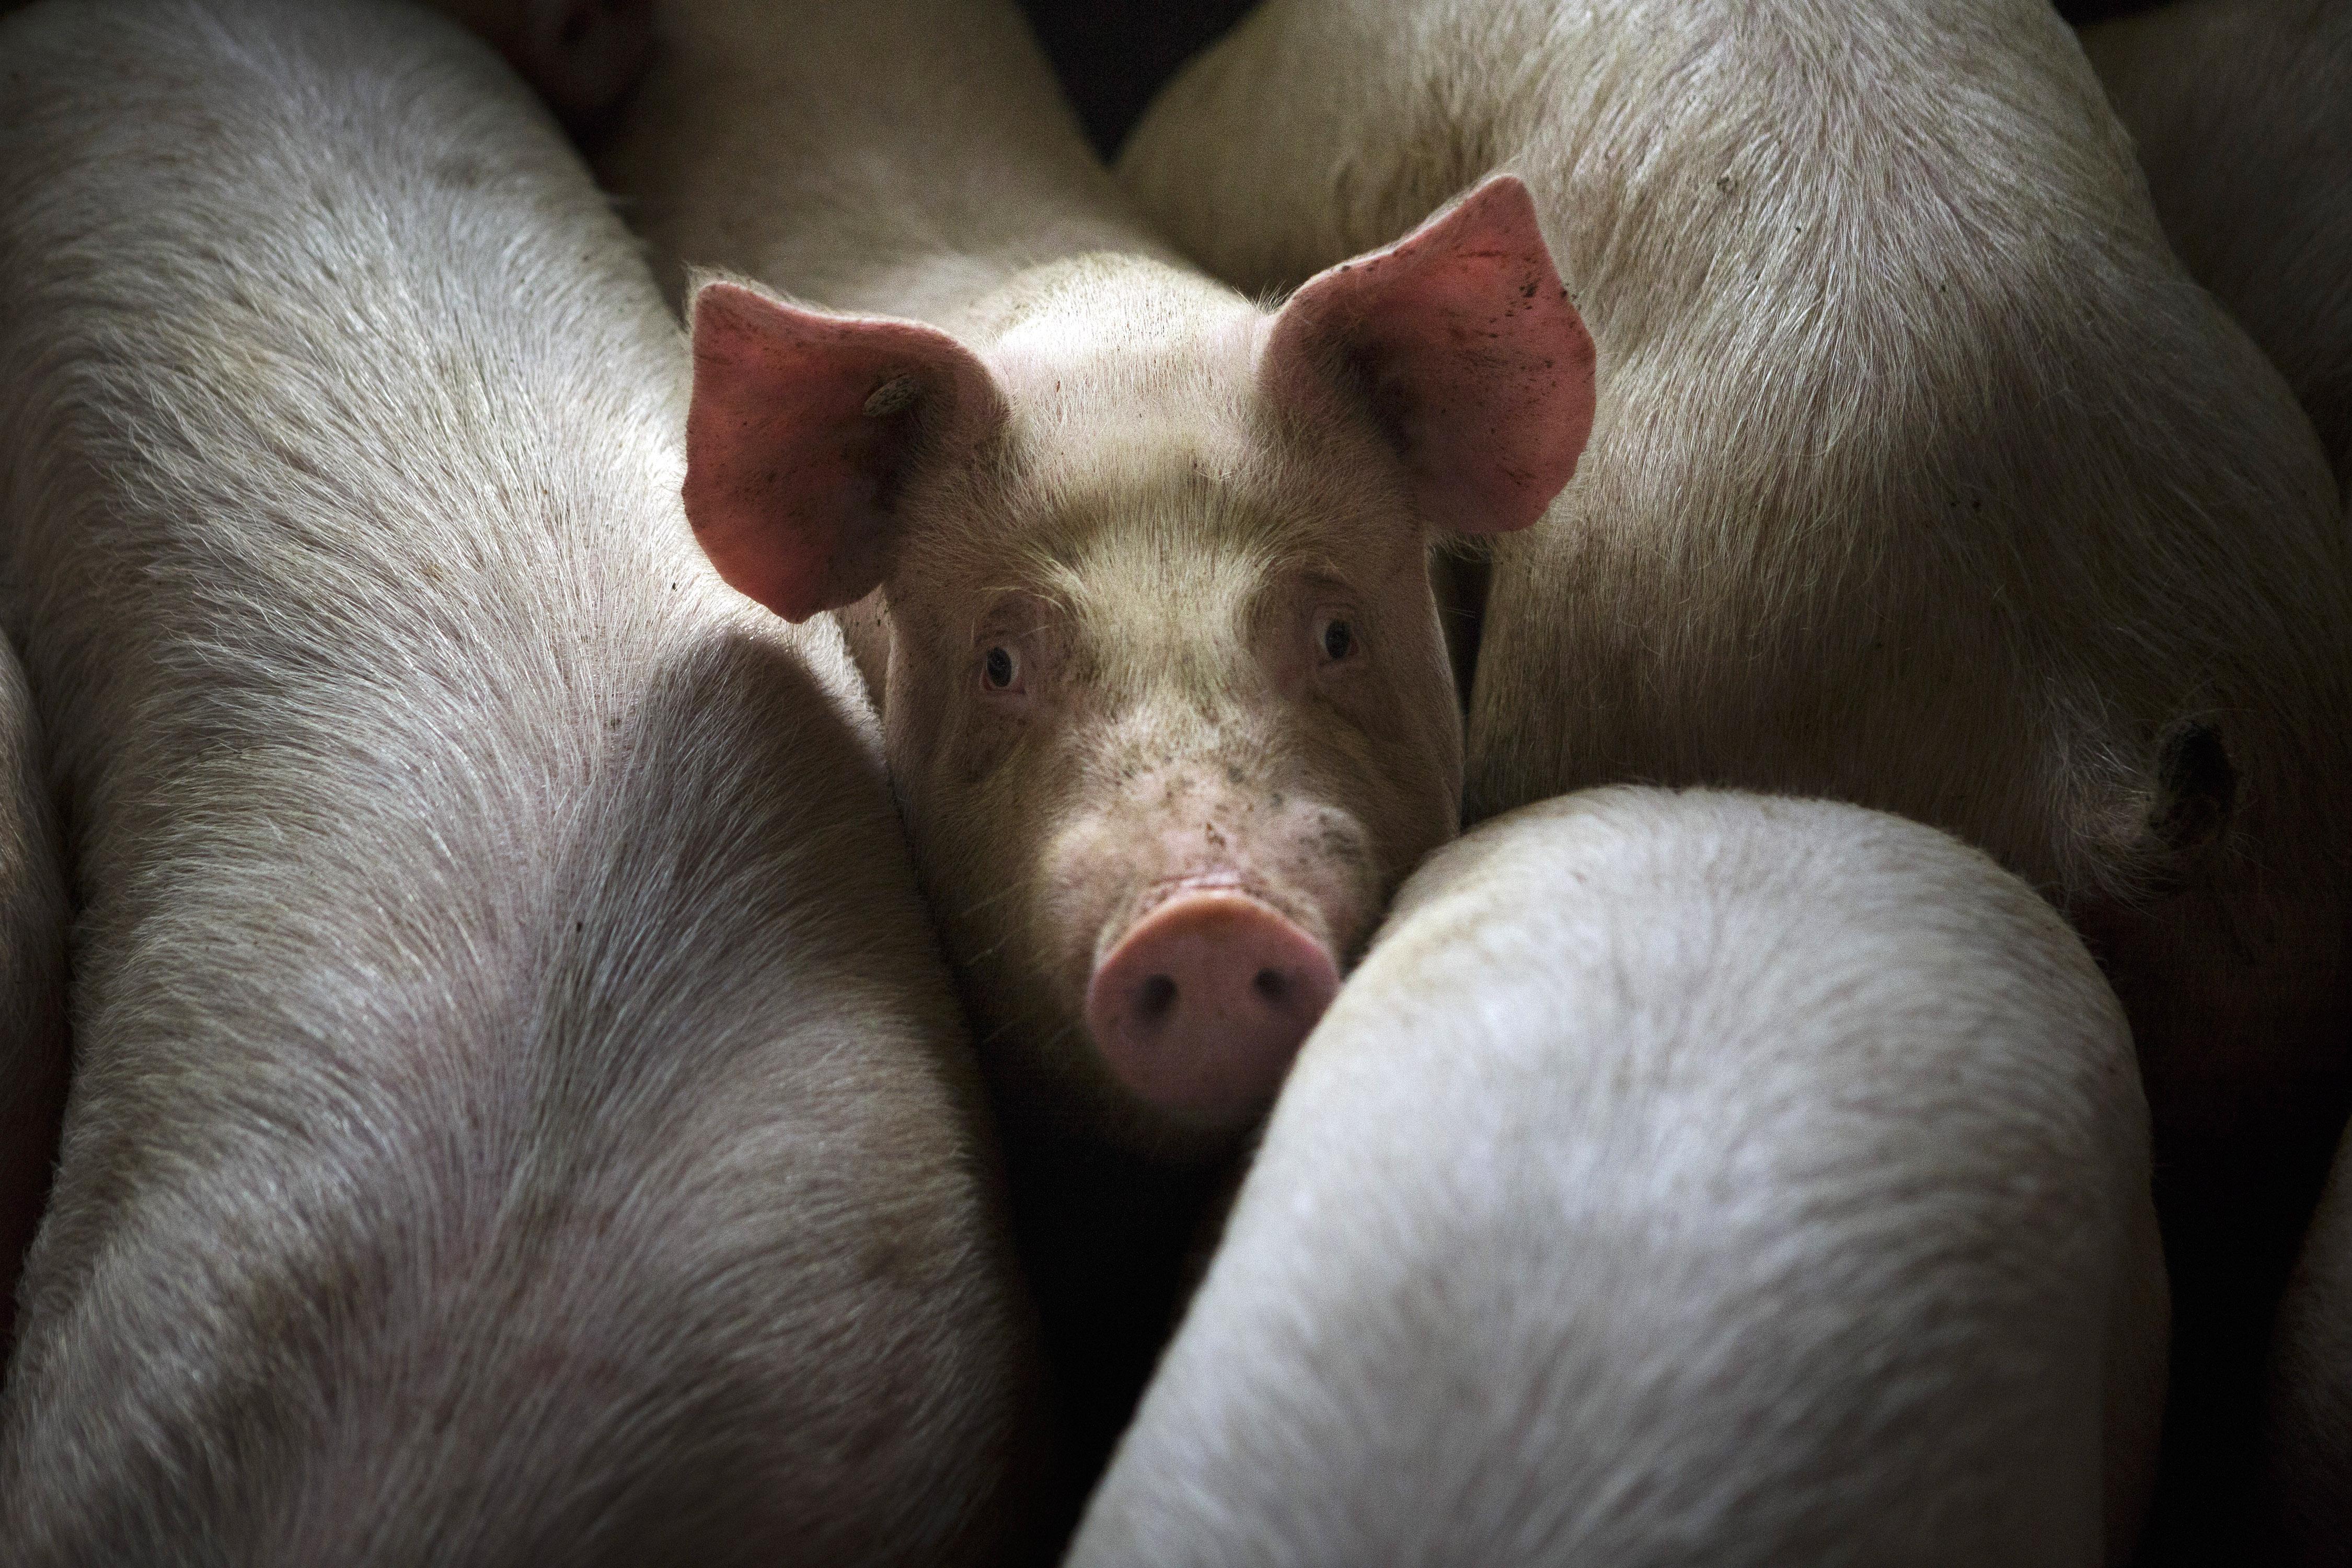 Los cerdos se utilizan comúnmente como modelos para la investigación de trasplantes. Un nuevo proyecto busca mantener sus cerebros después de la muerte.